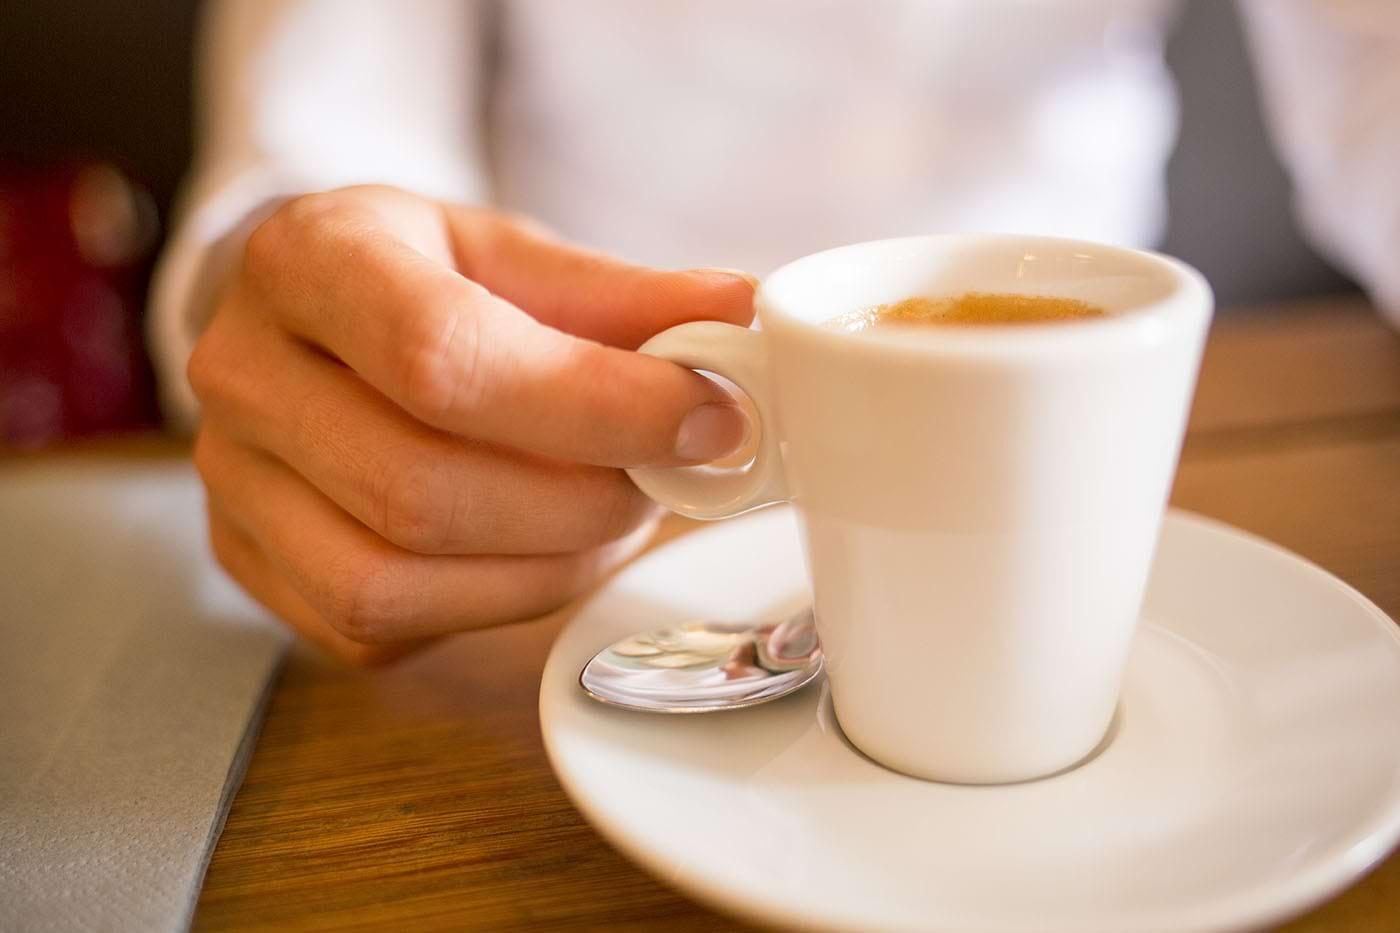 Consumul moderat de cafea ar putea scădea riscul de insuficiență cardiacă?